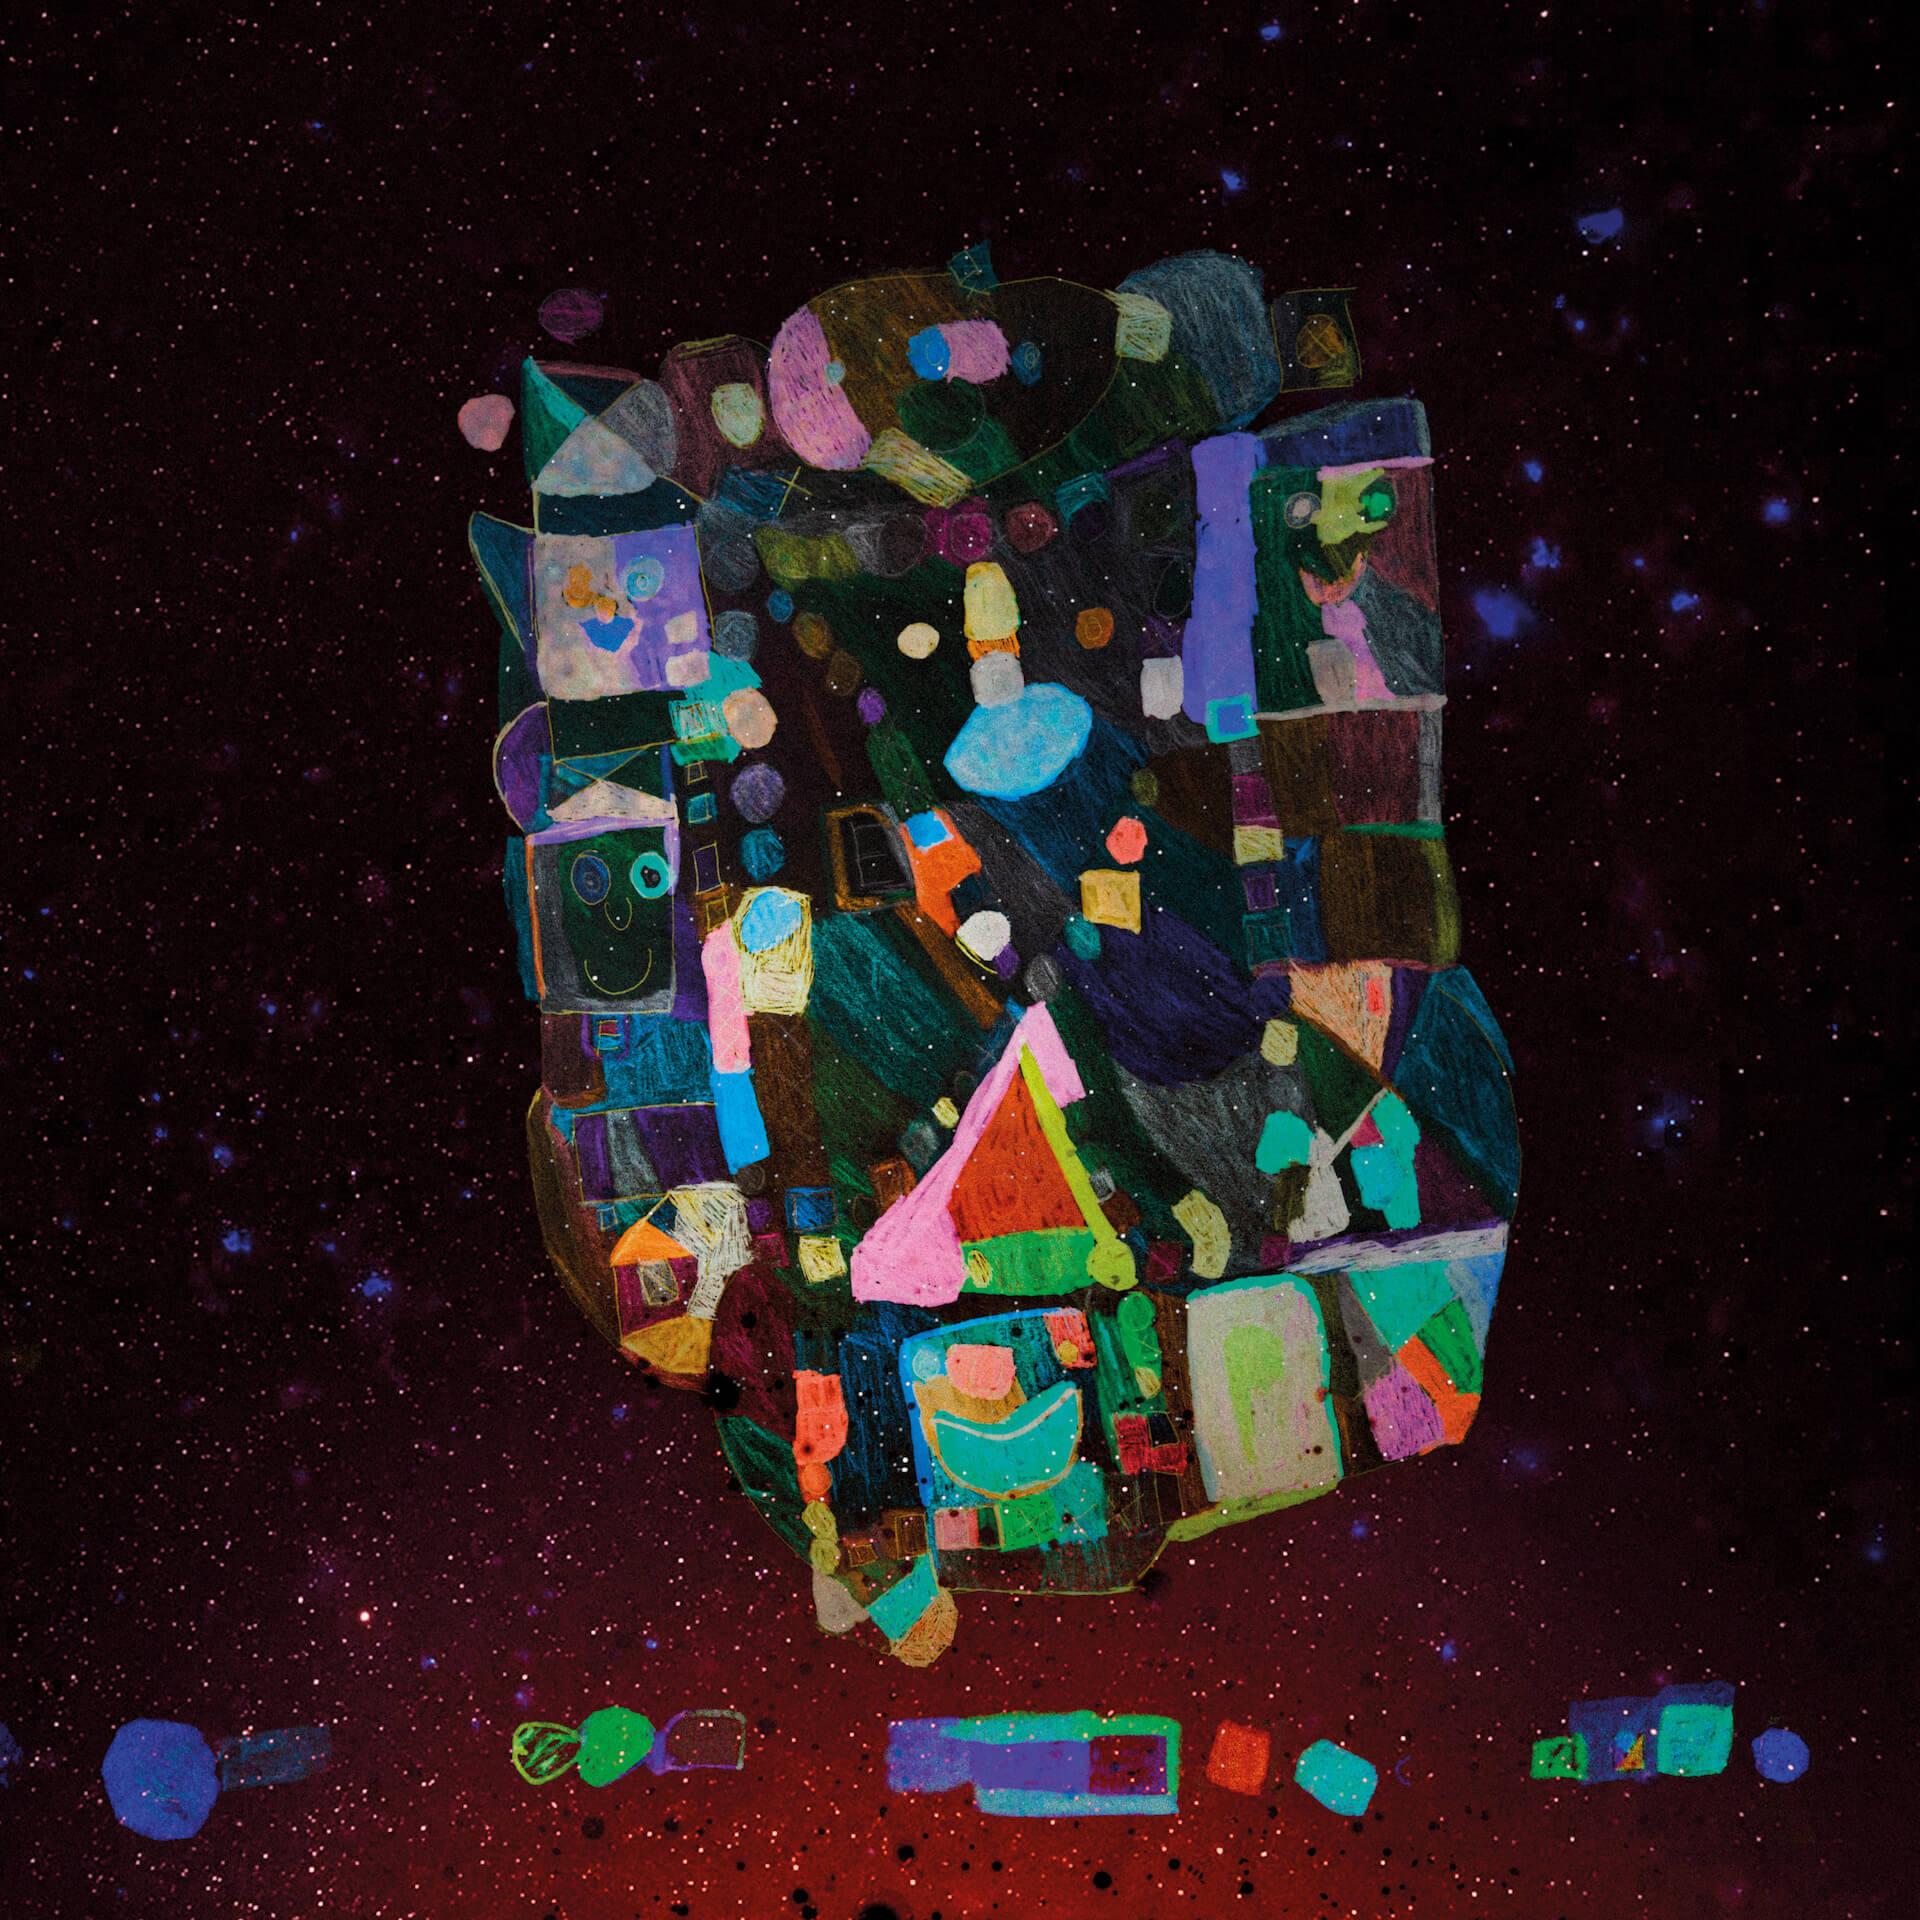 """〈Ninja Tune〉所属のLittle Dragon最新アルバム『New Me, Same Us』から""""Where You Belong""""のMVが公開 music200702_littledragon_2"""